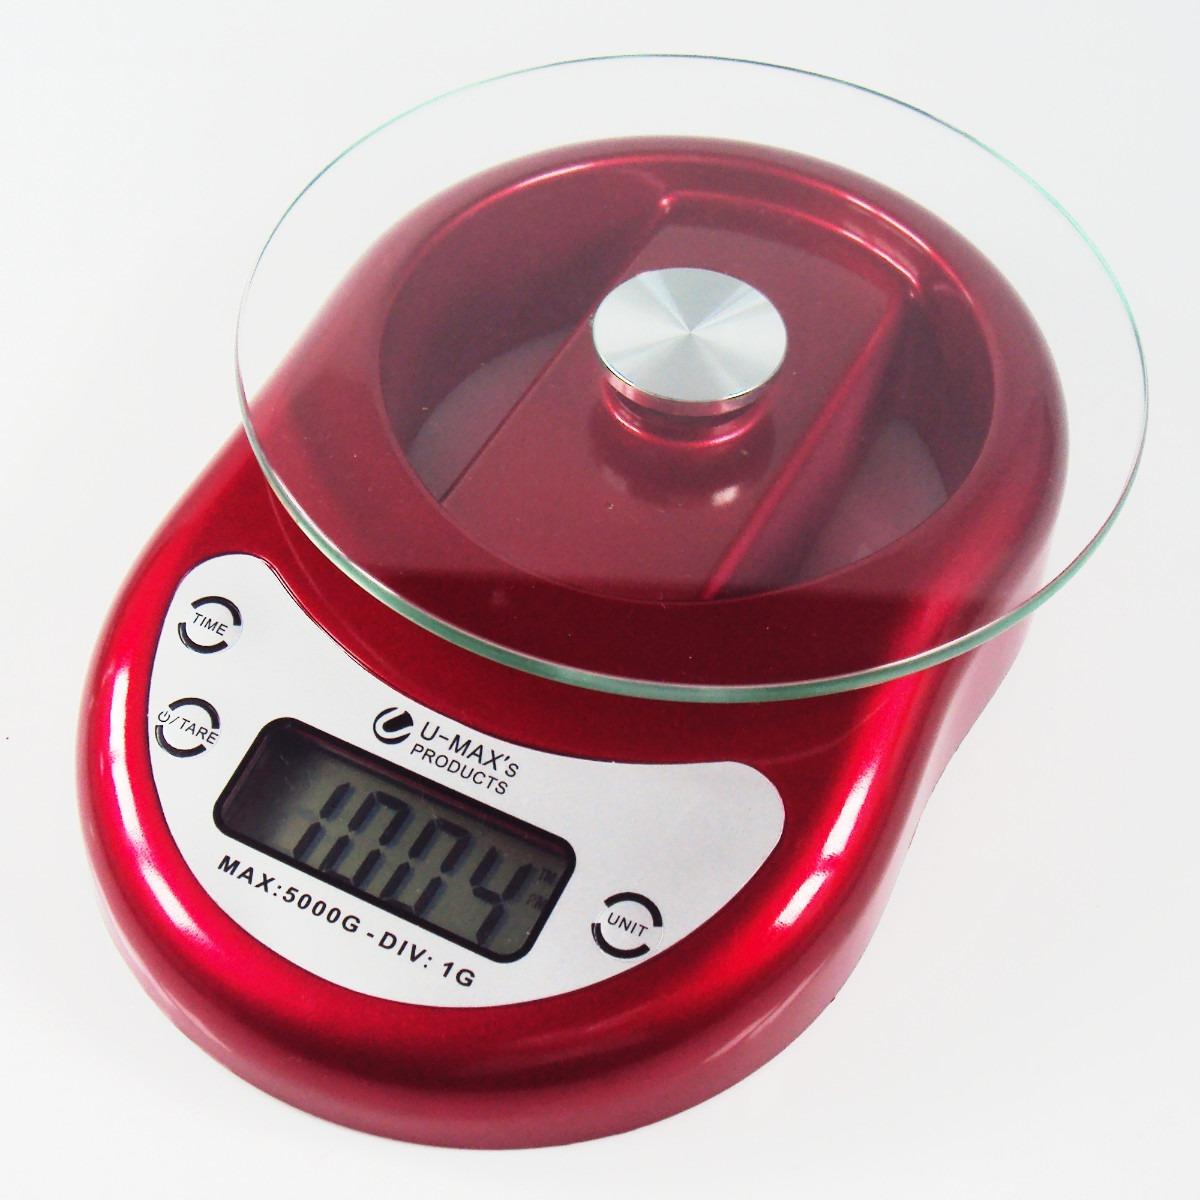 Balan A De Cozinha Digital Com Rel Gio 5kg Vermelha Ek1 R 59 90  ~ Balança Para Cozinha Digital